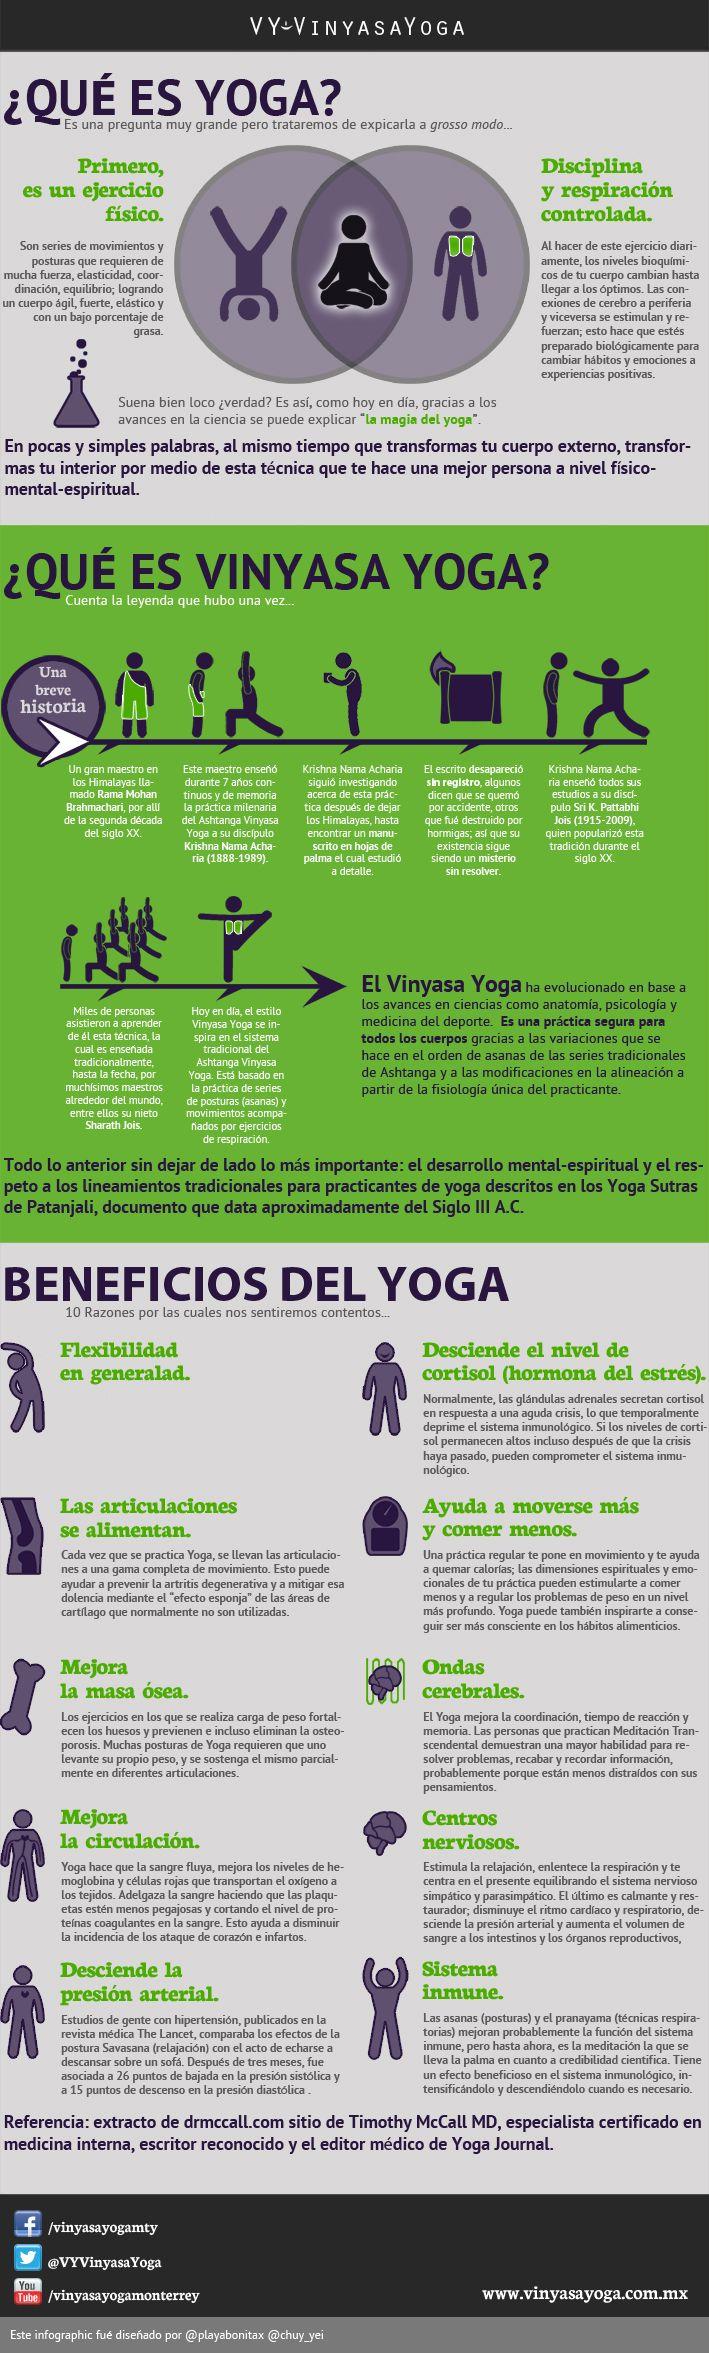 Se describen los beneficios físicos del Yoga, su historia y el fundamento de la disciplina.